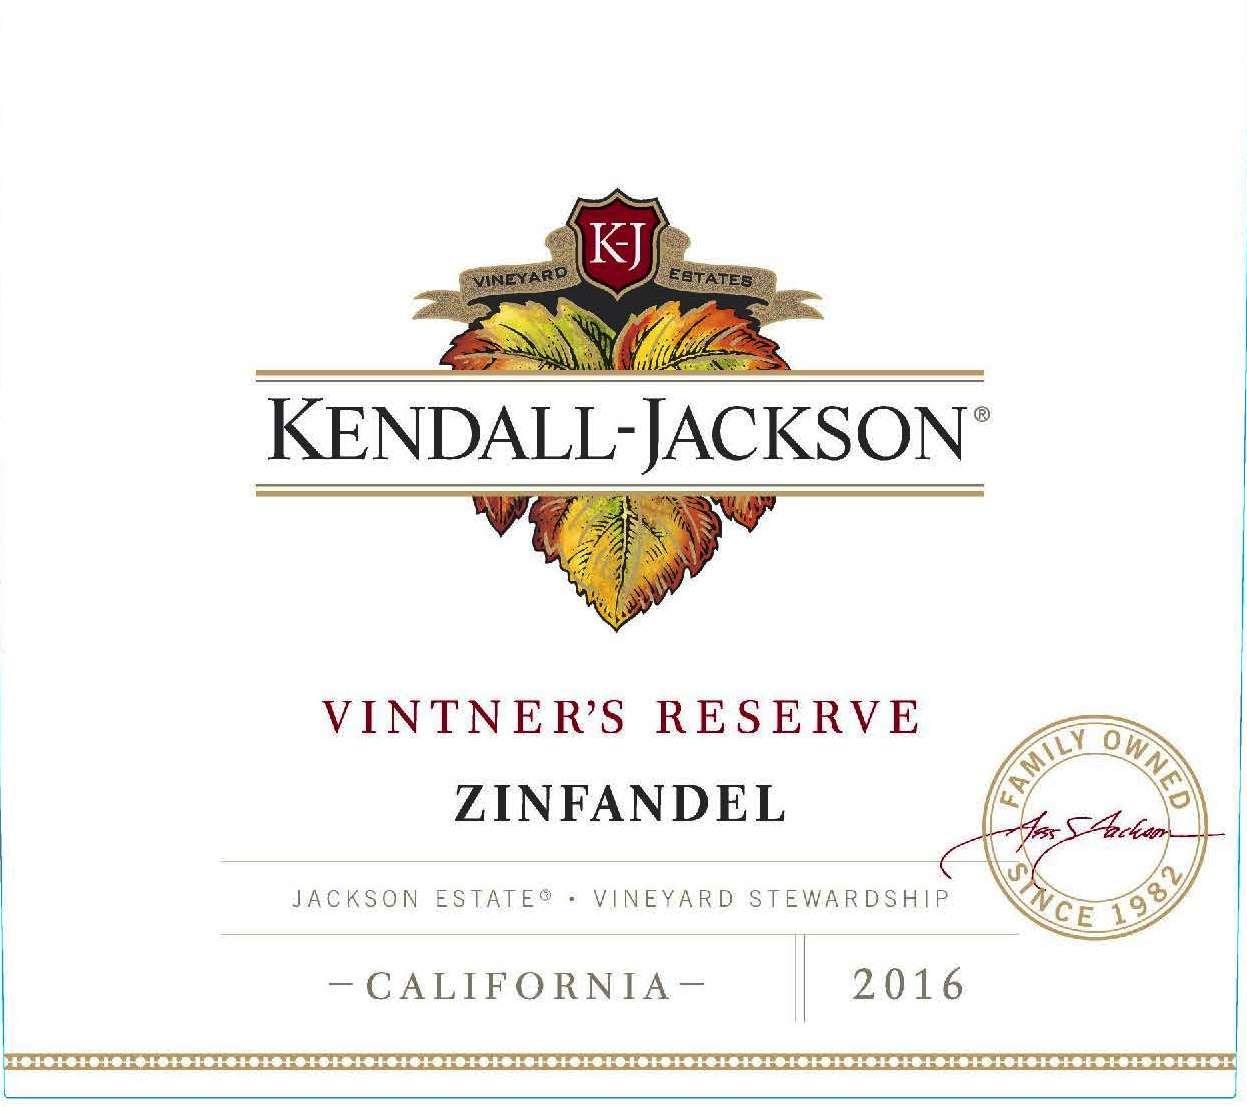 Kendall-Jackson Vintner's Reserve Zinfandel Jackson Estate California